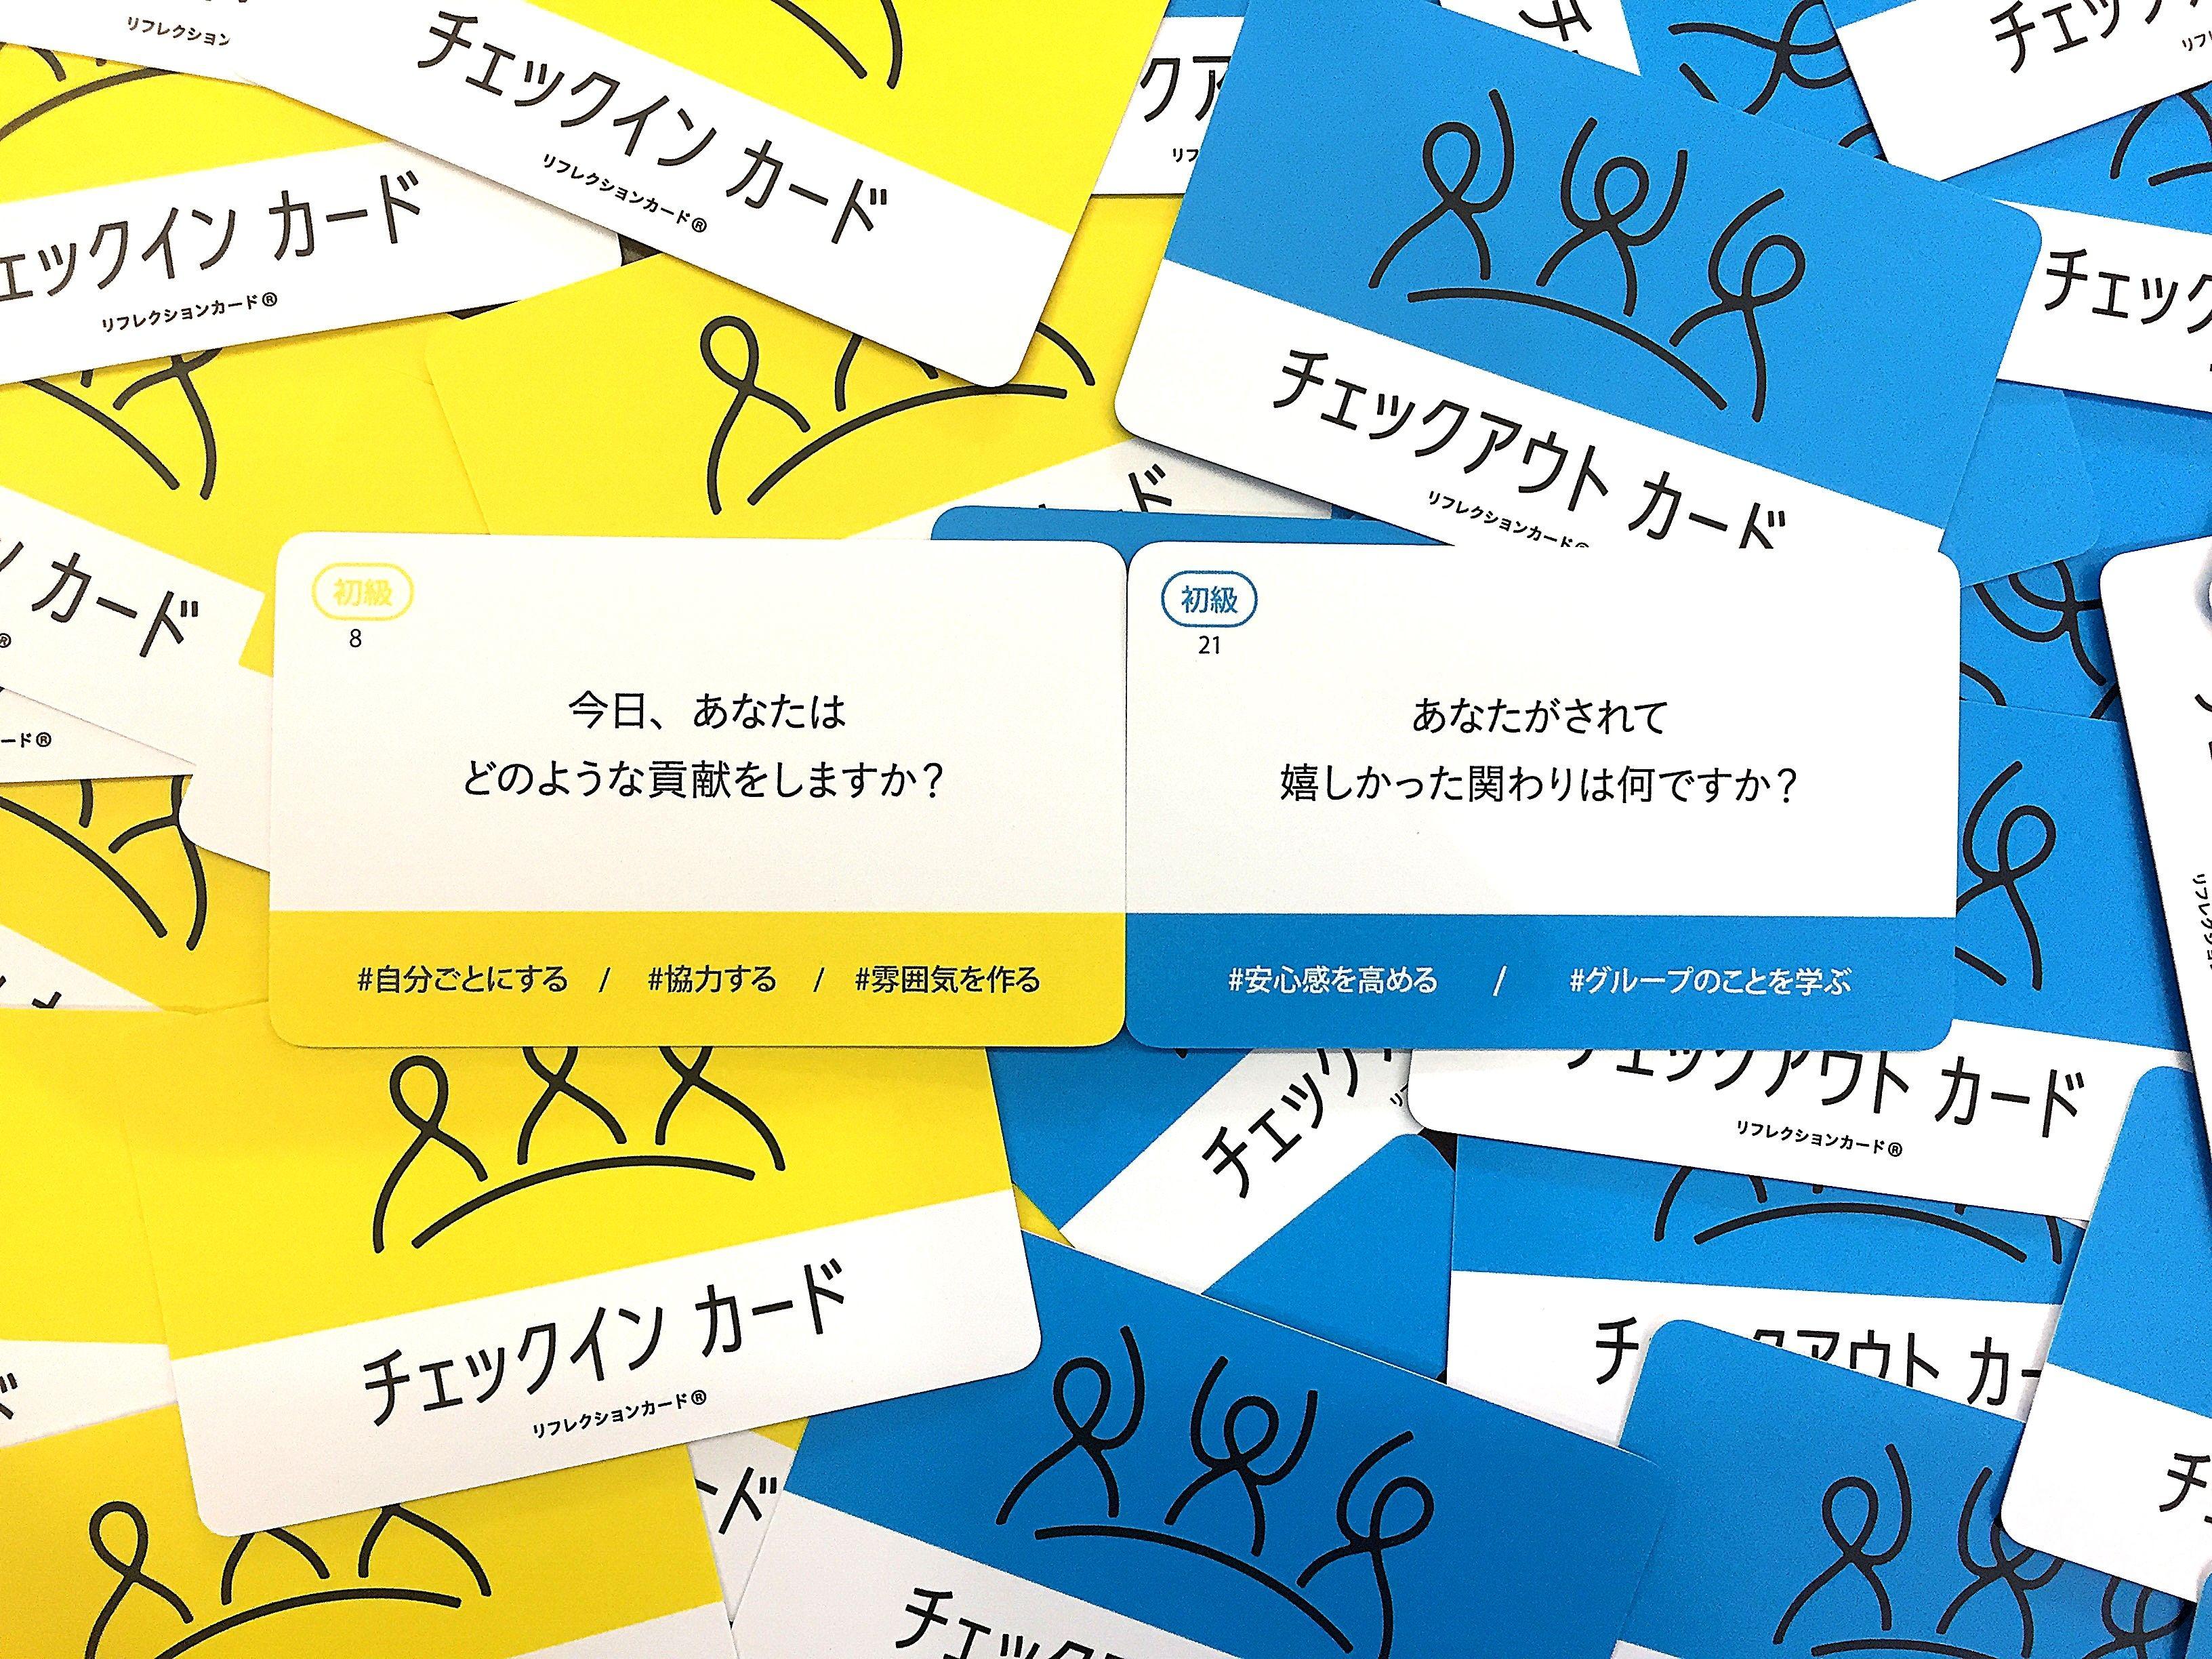 【会議力を鍛える!】チェックイン・チェックアウトカード